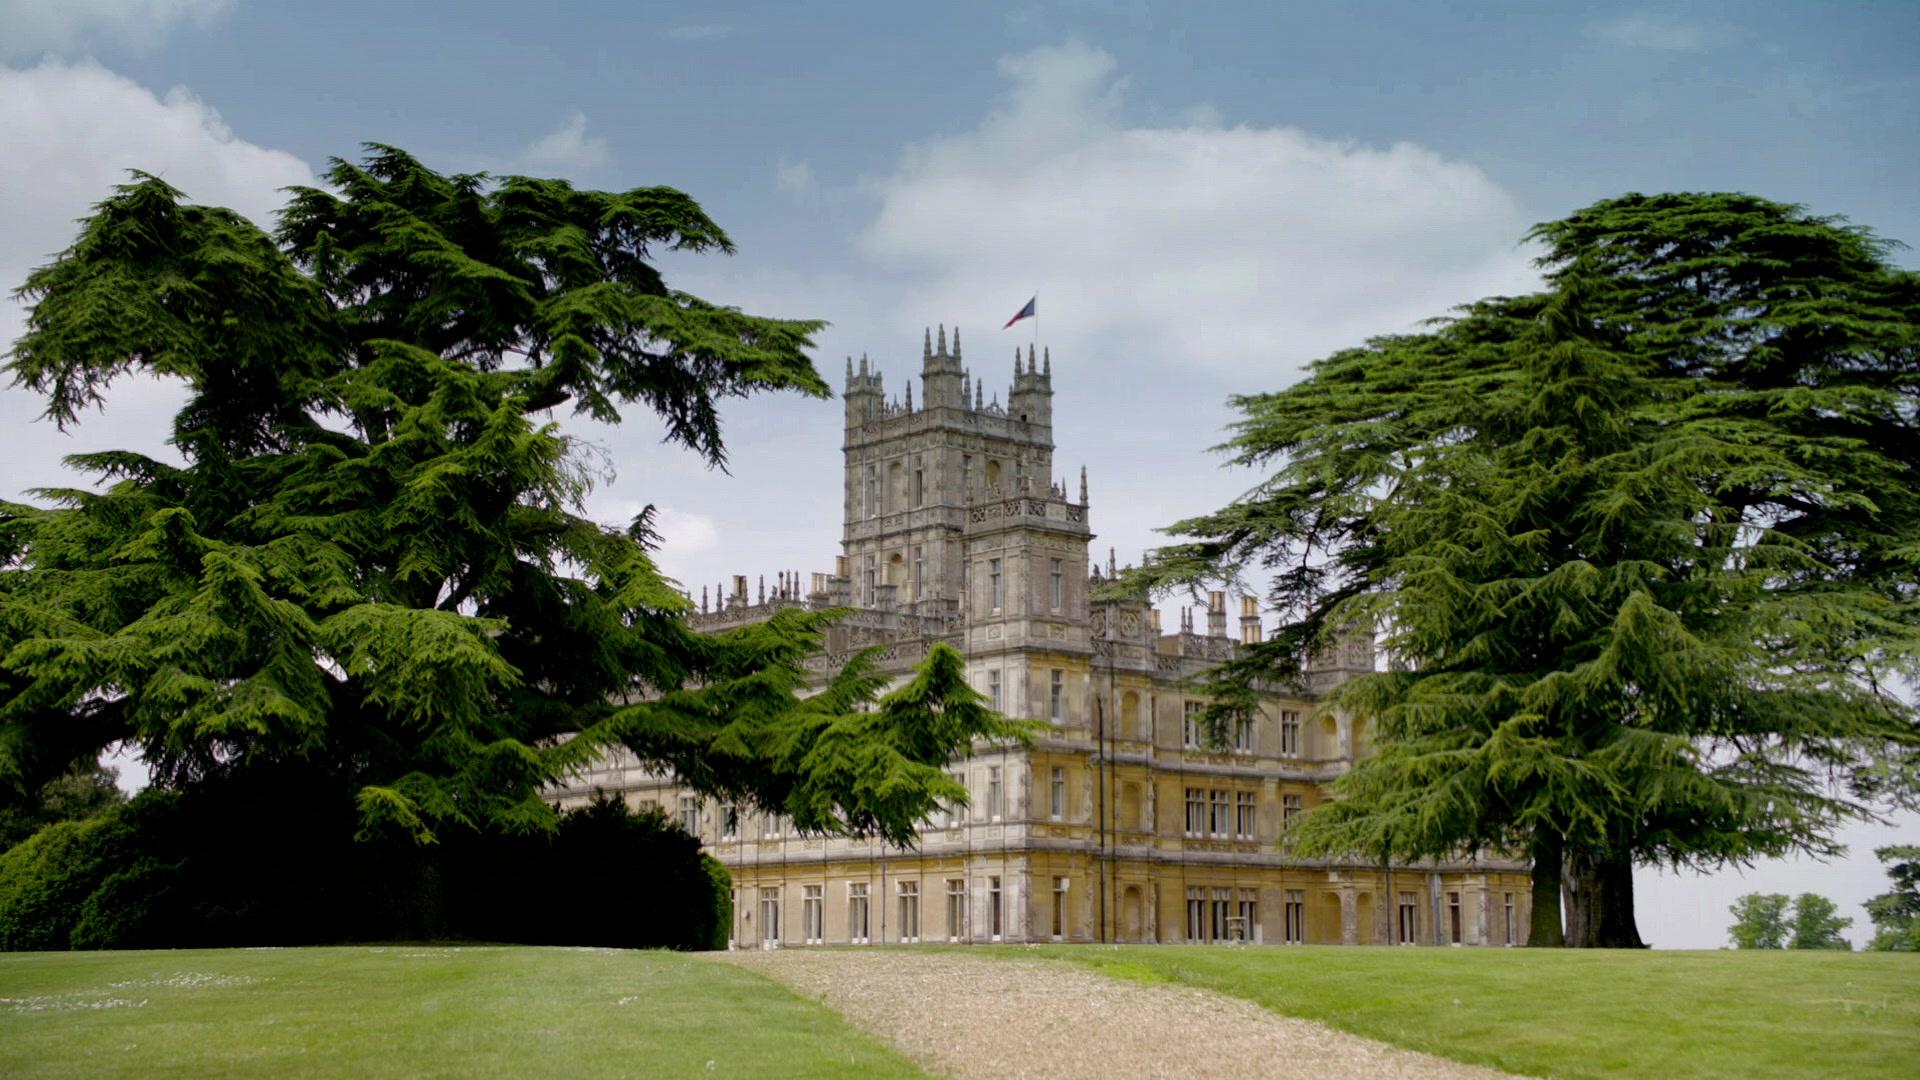 Downton Abbey Estate HD Wallpaper Background Image 1920x1080 1920x1080